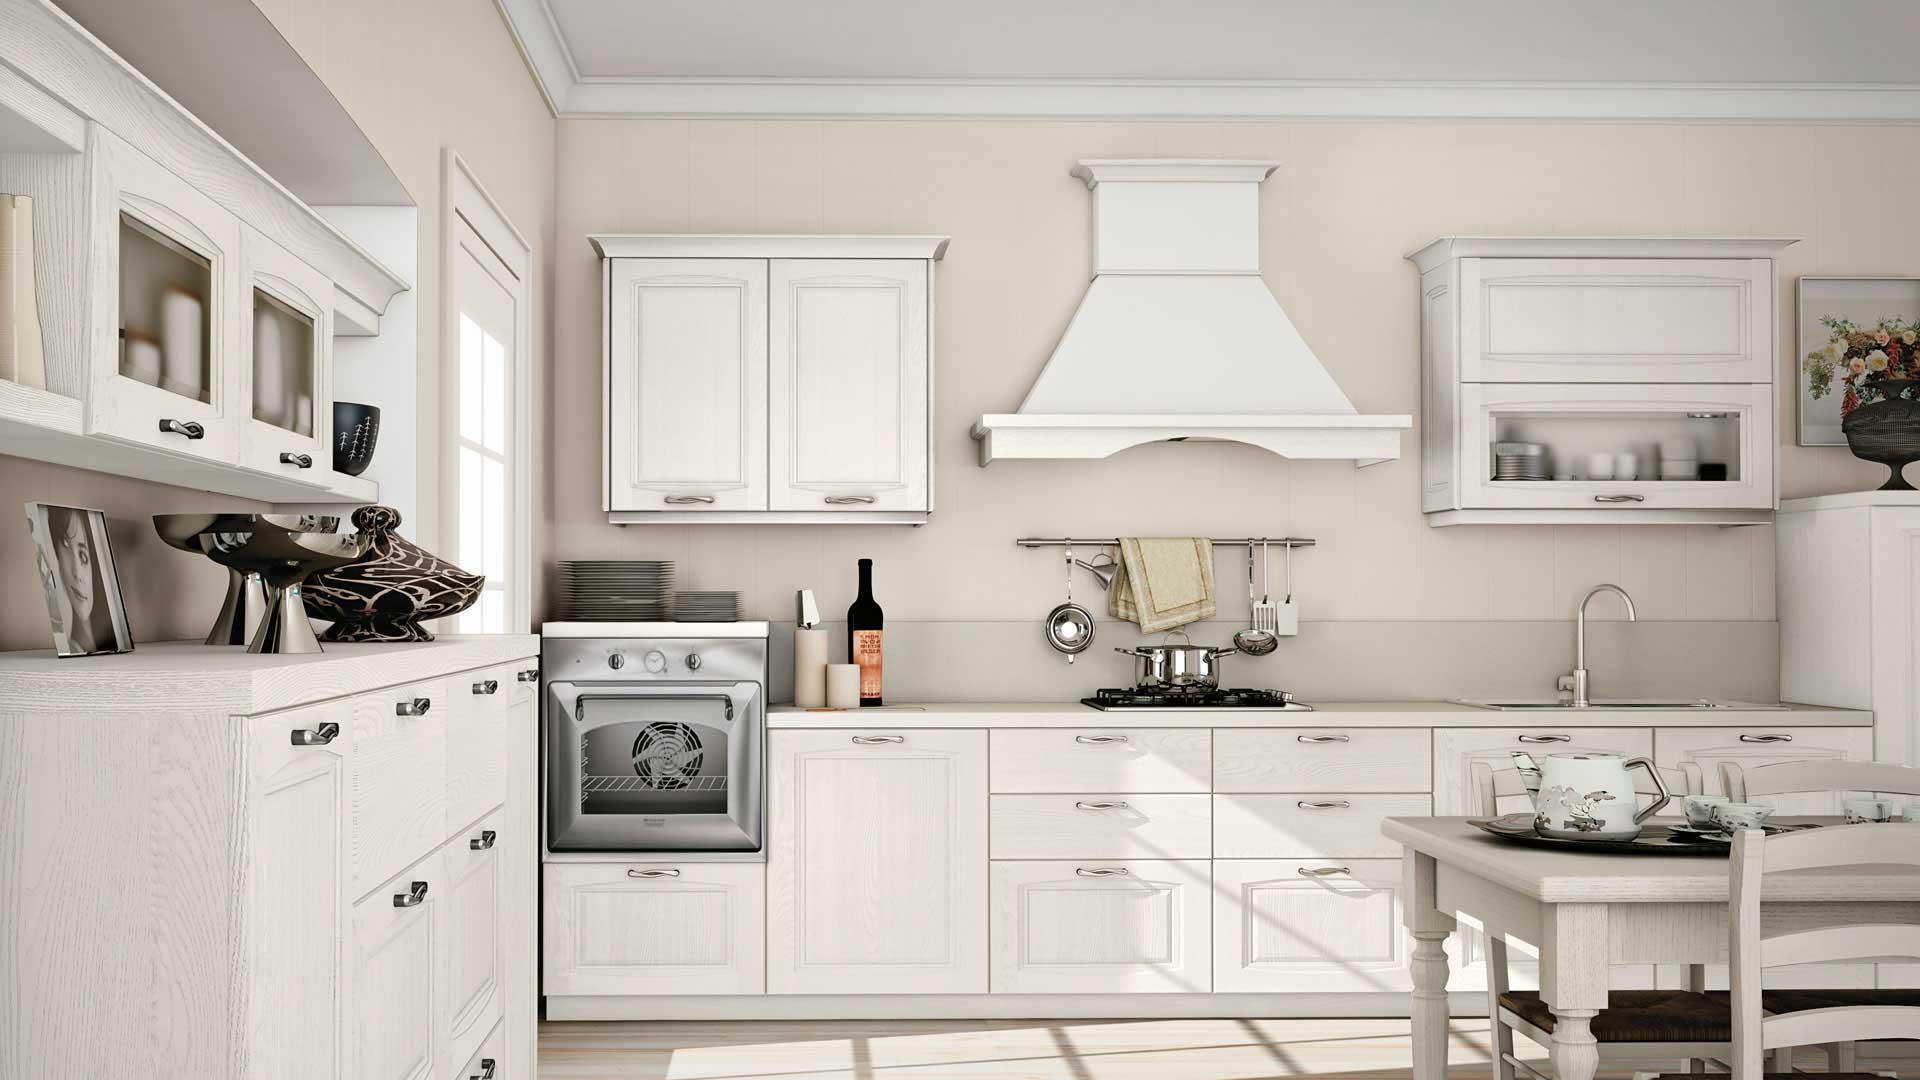 Raila - Cucine Classiche - Creo Kitchens